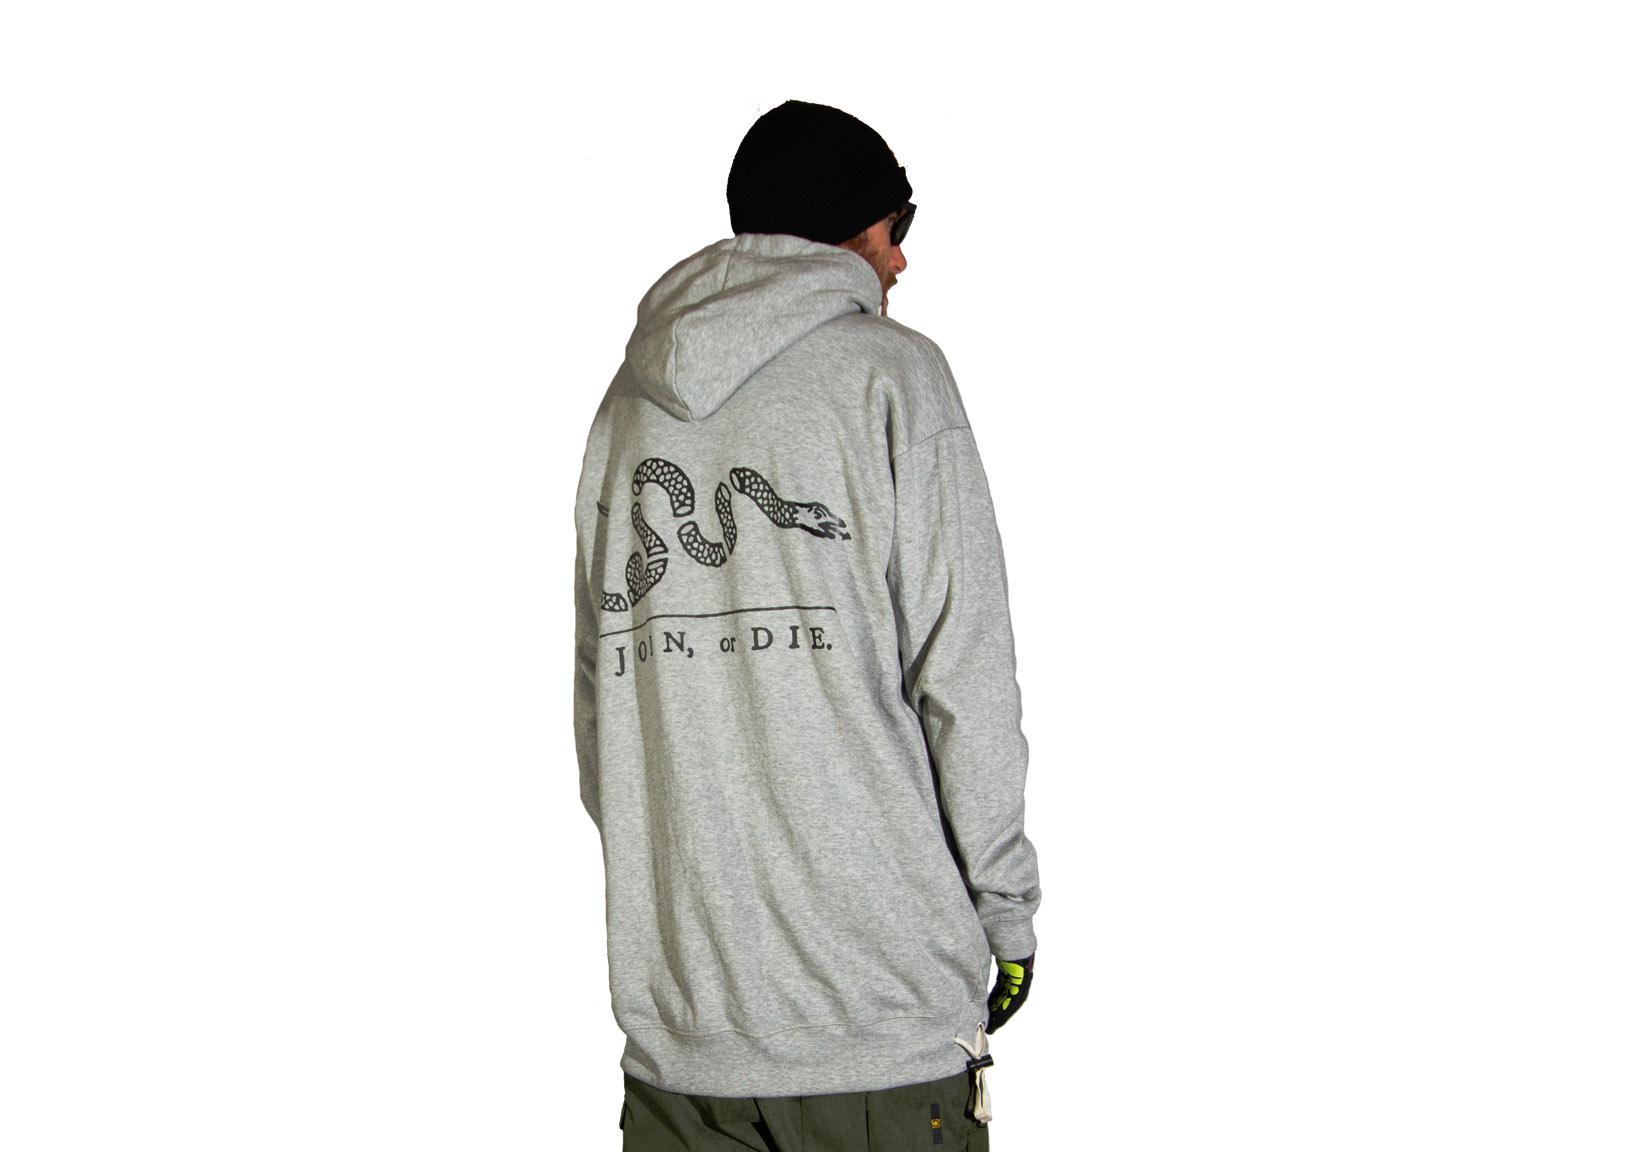 2013-07-04 Hoody Prints All-in-one - Grey Join or Die.jpg